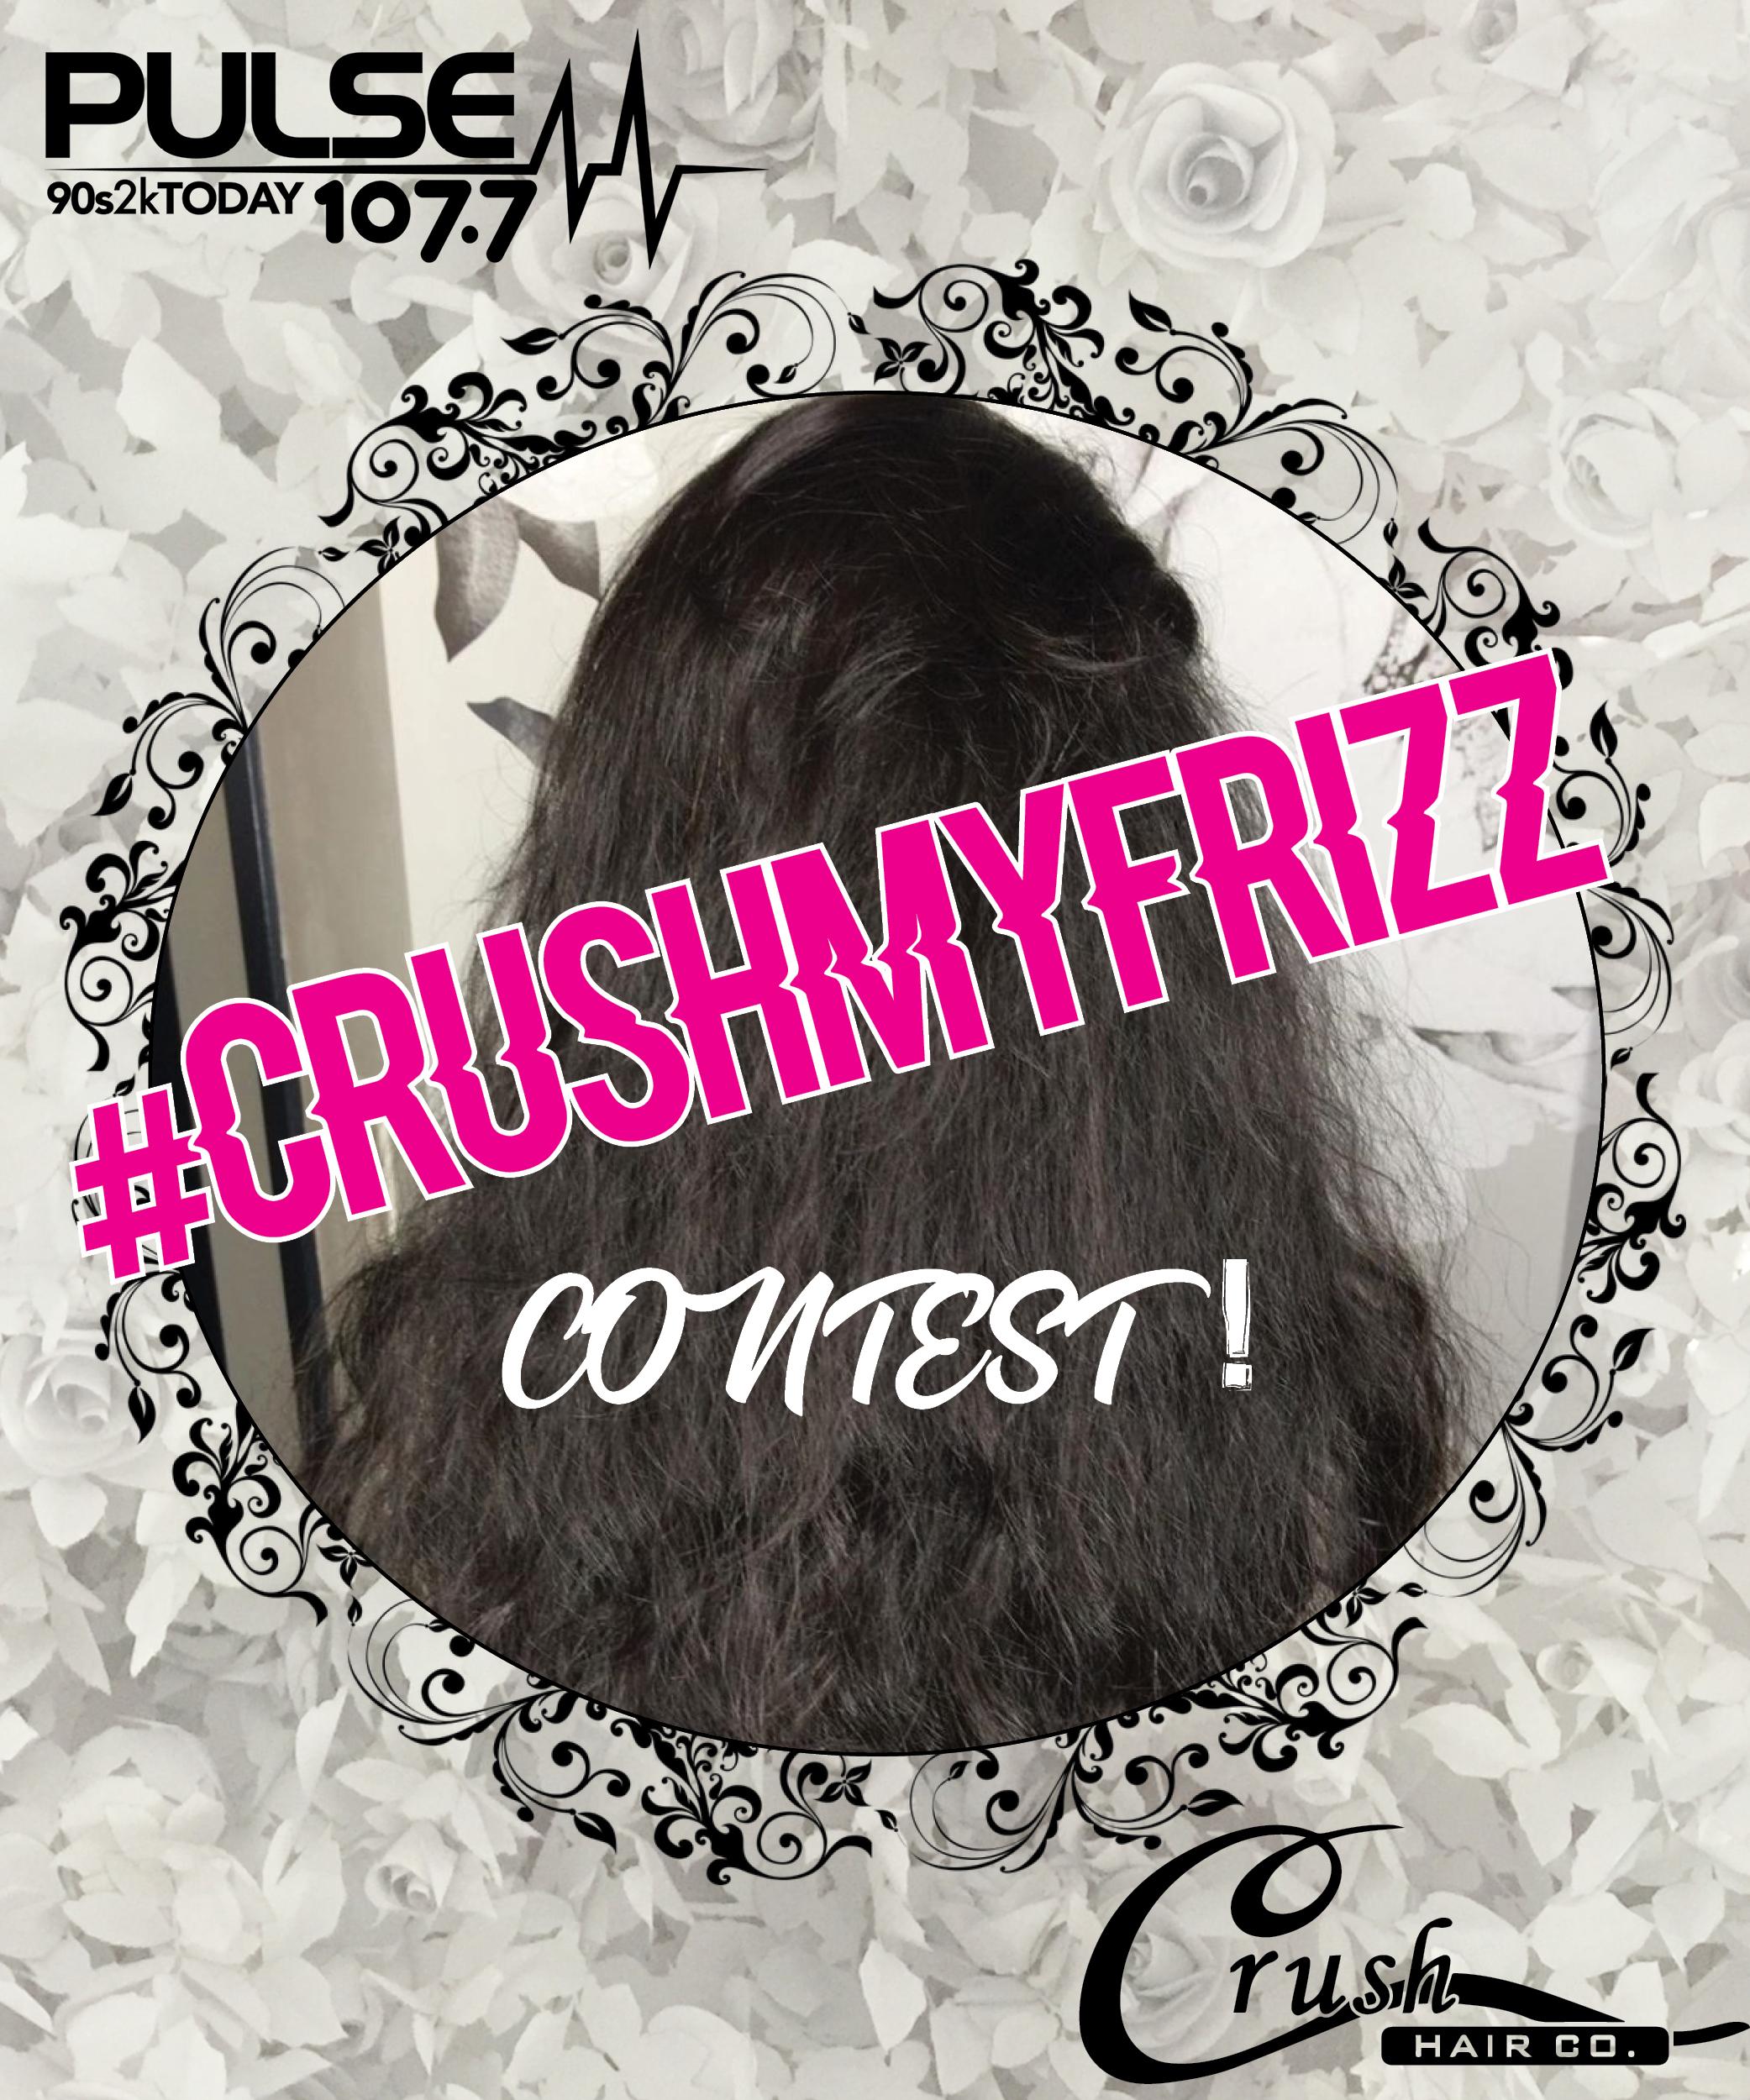 #CrushMyFrizz